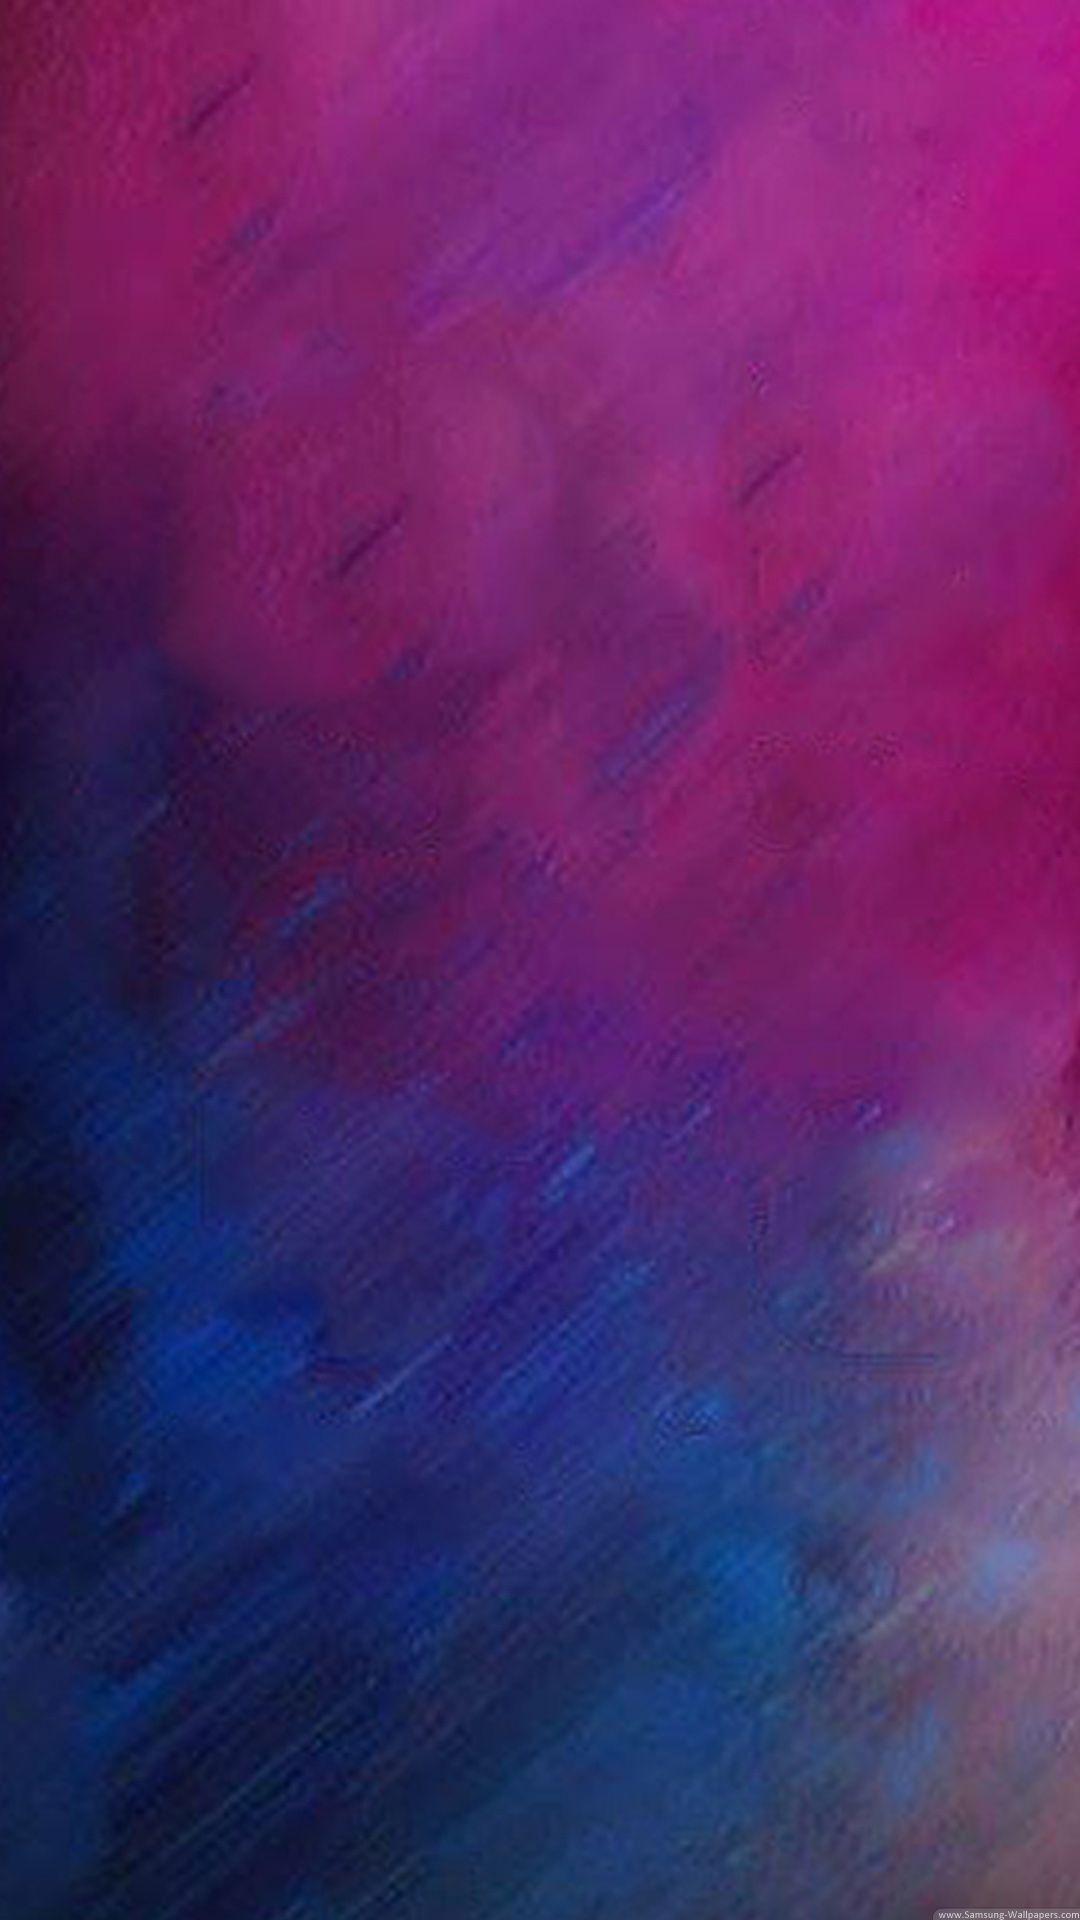 Galaxy Note 3 Lock Screen Wallpaper Www Imgkid The Image Kid Has It Lock Screen Wallpaper Wallpaper Gallery Screen Wallpaper